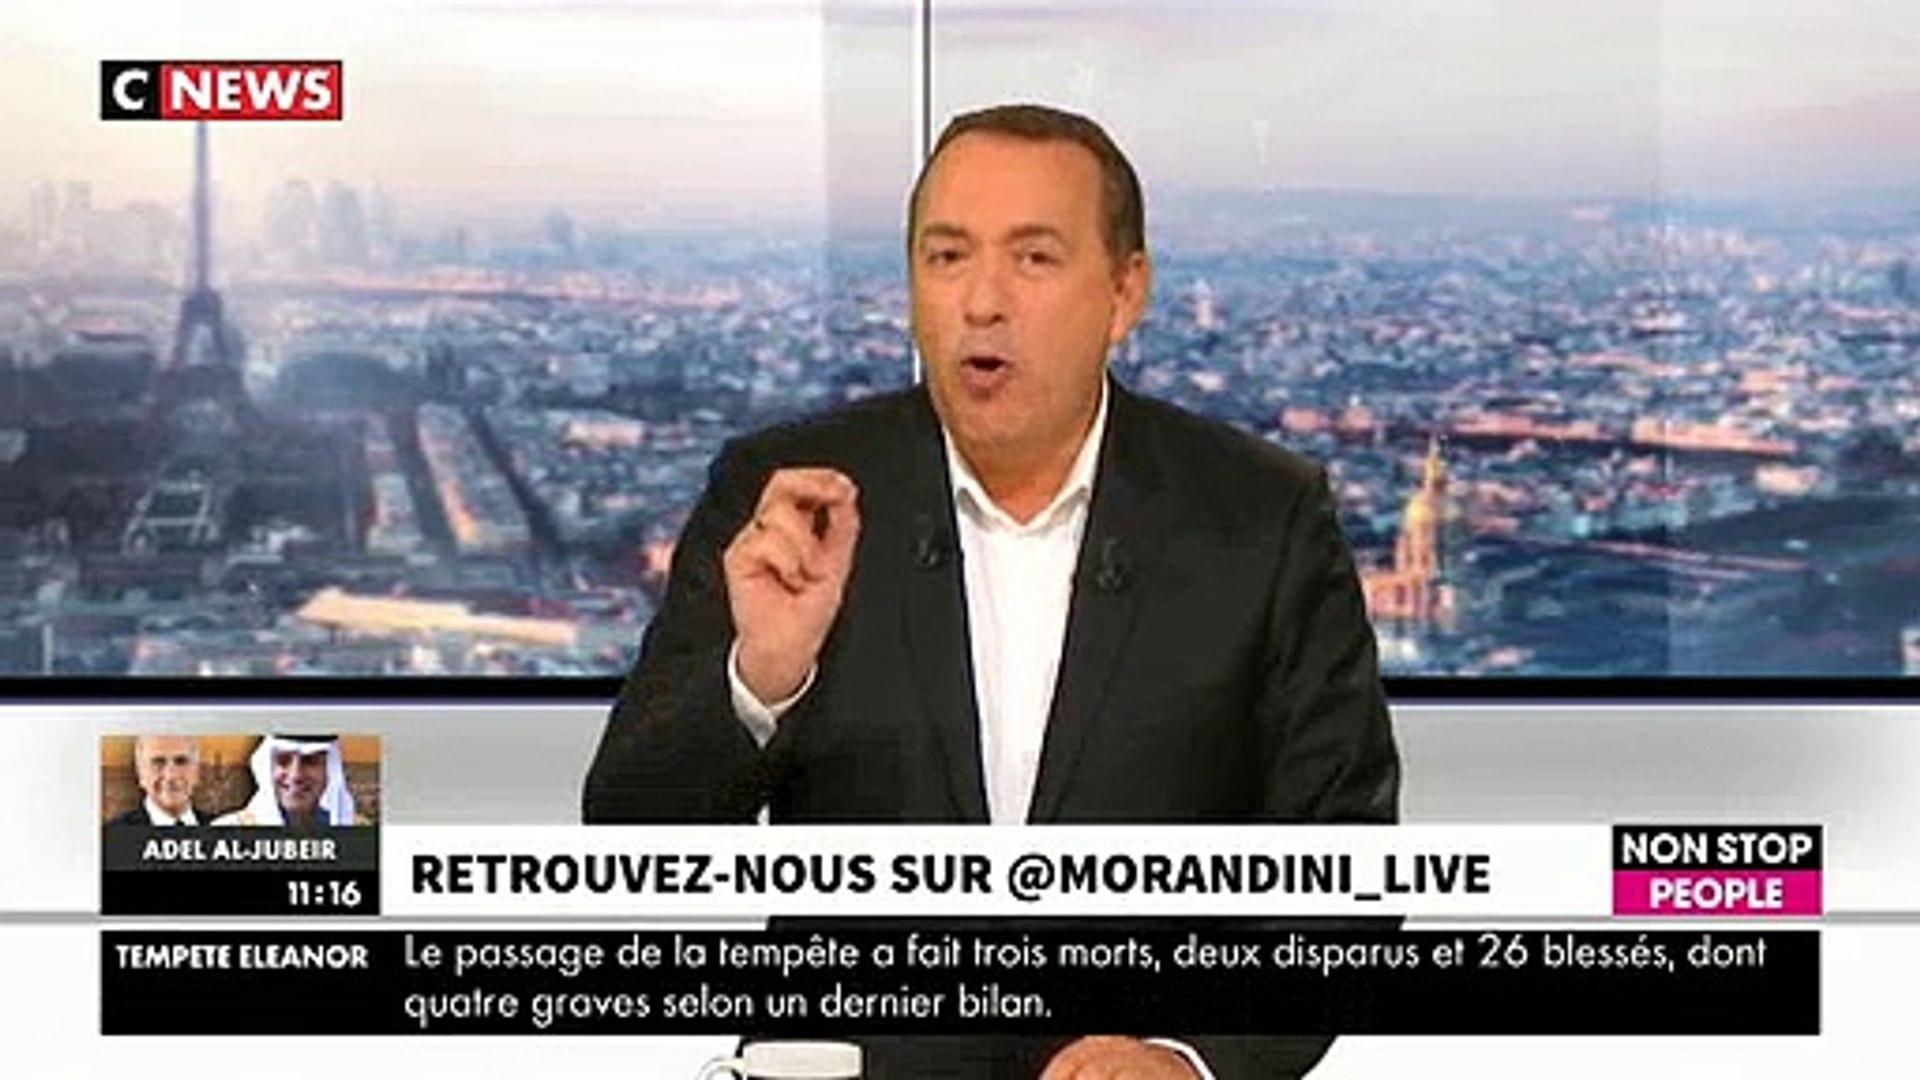 Fou rire hier en direct dans Morandini Live sur CNews et Non Stop People après un trou de mémoire de